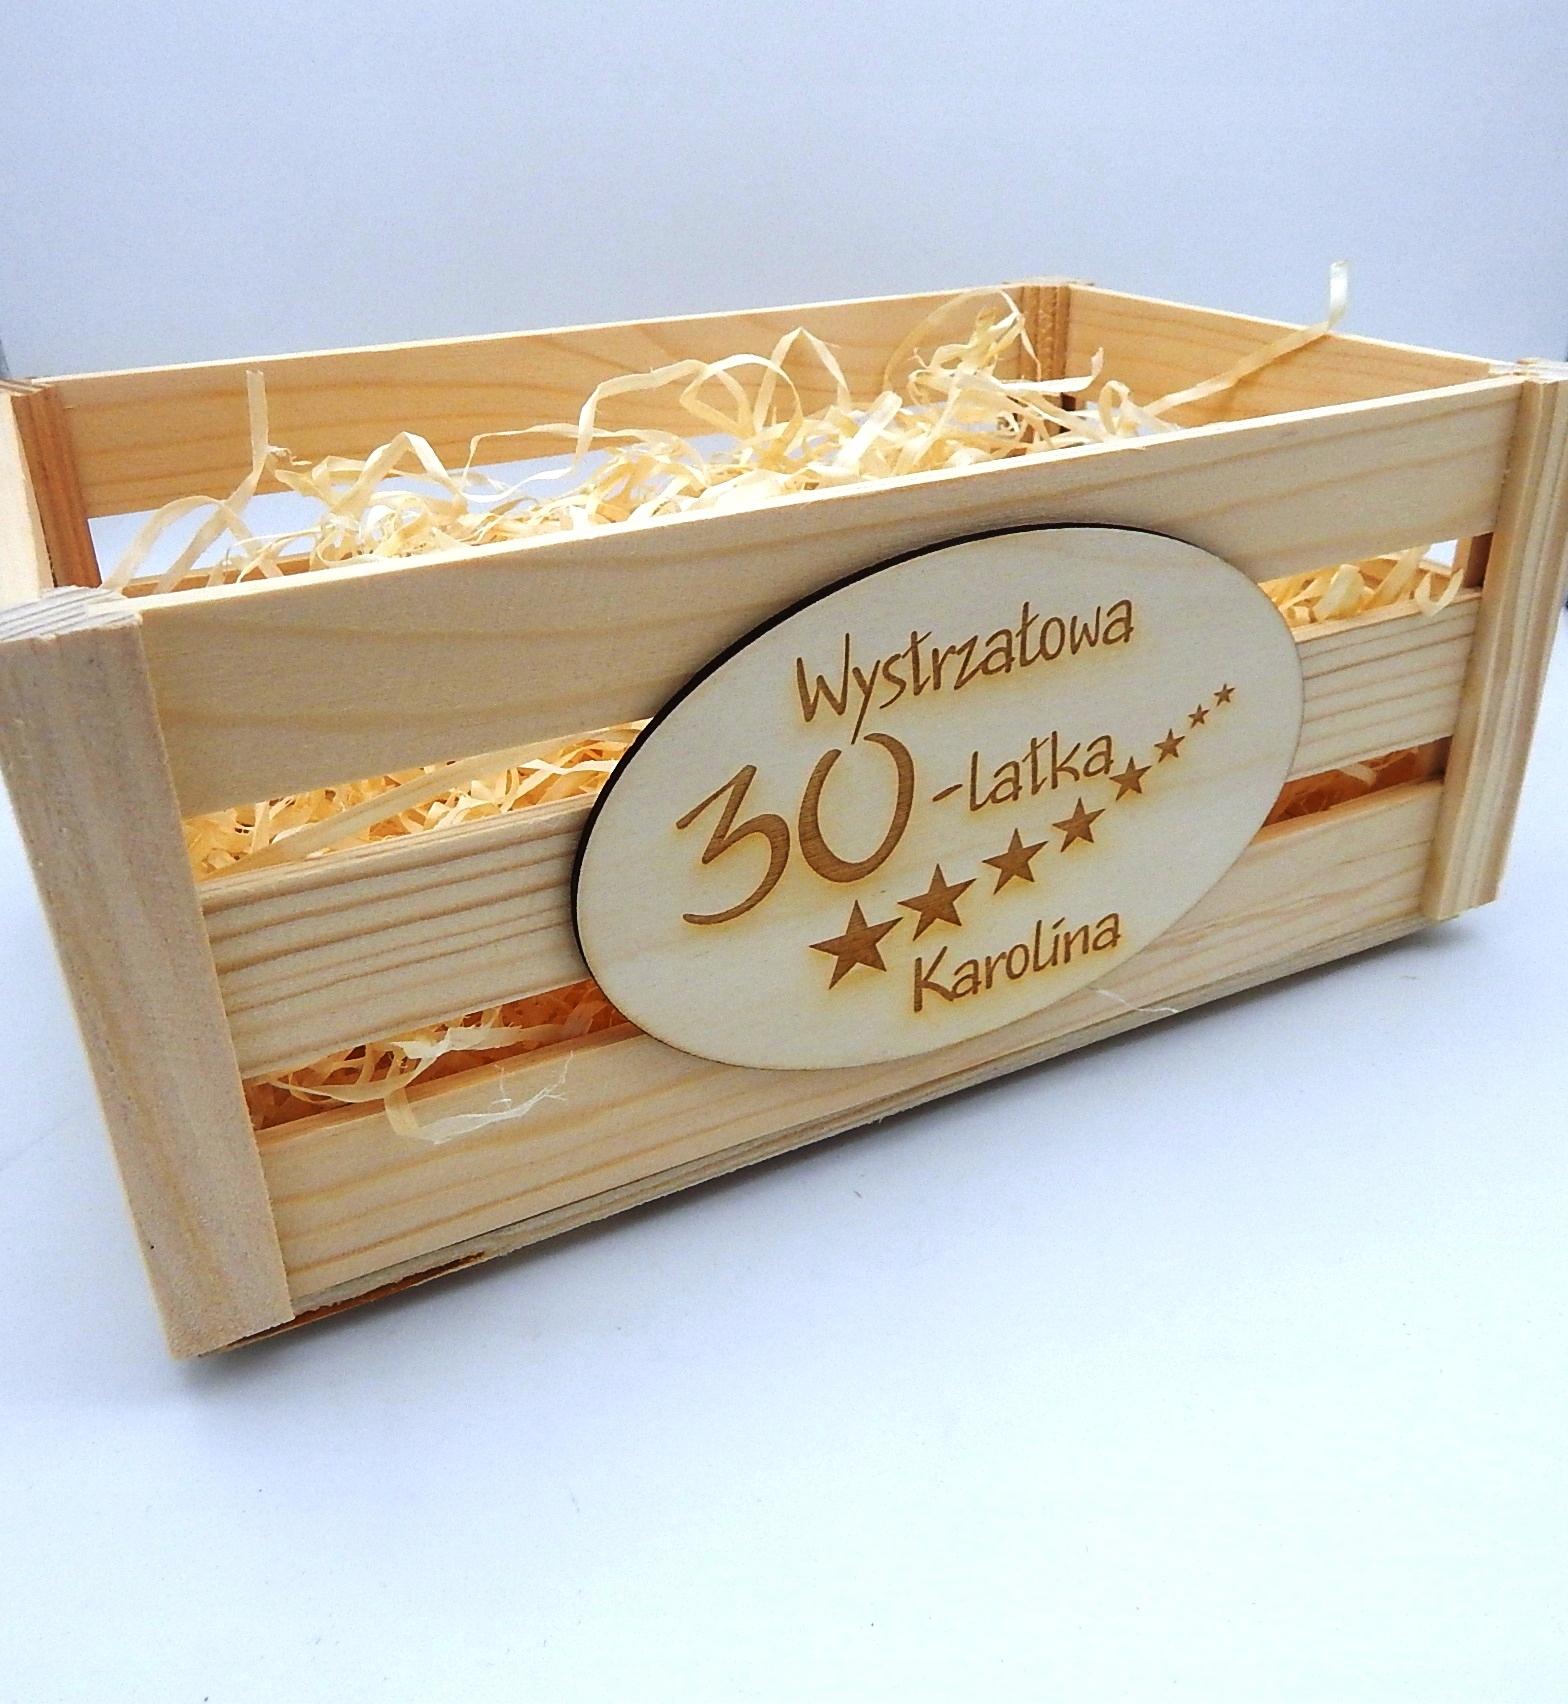 KOSZ DREWNIANY ŚLUB URODZINY IMIENINY PREZENT GRAW Kod produktu Dzień kobiet babci dziadka, rocznica, Ślub, wesele